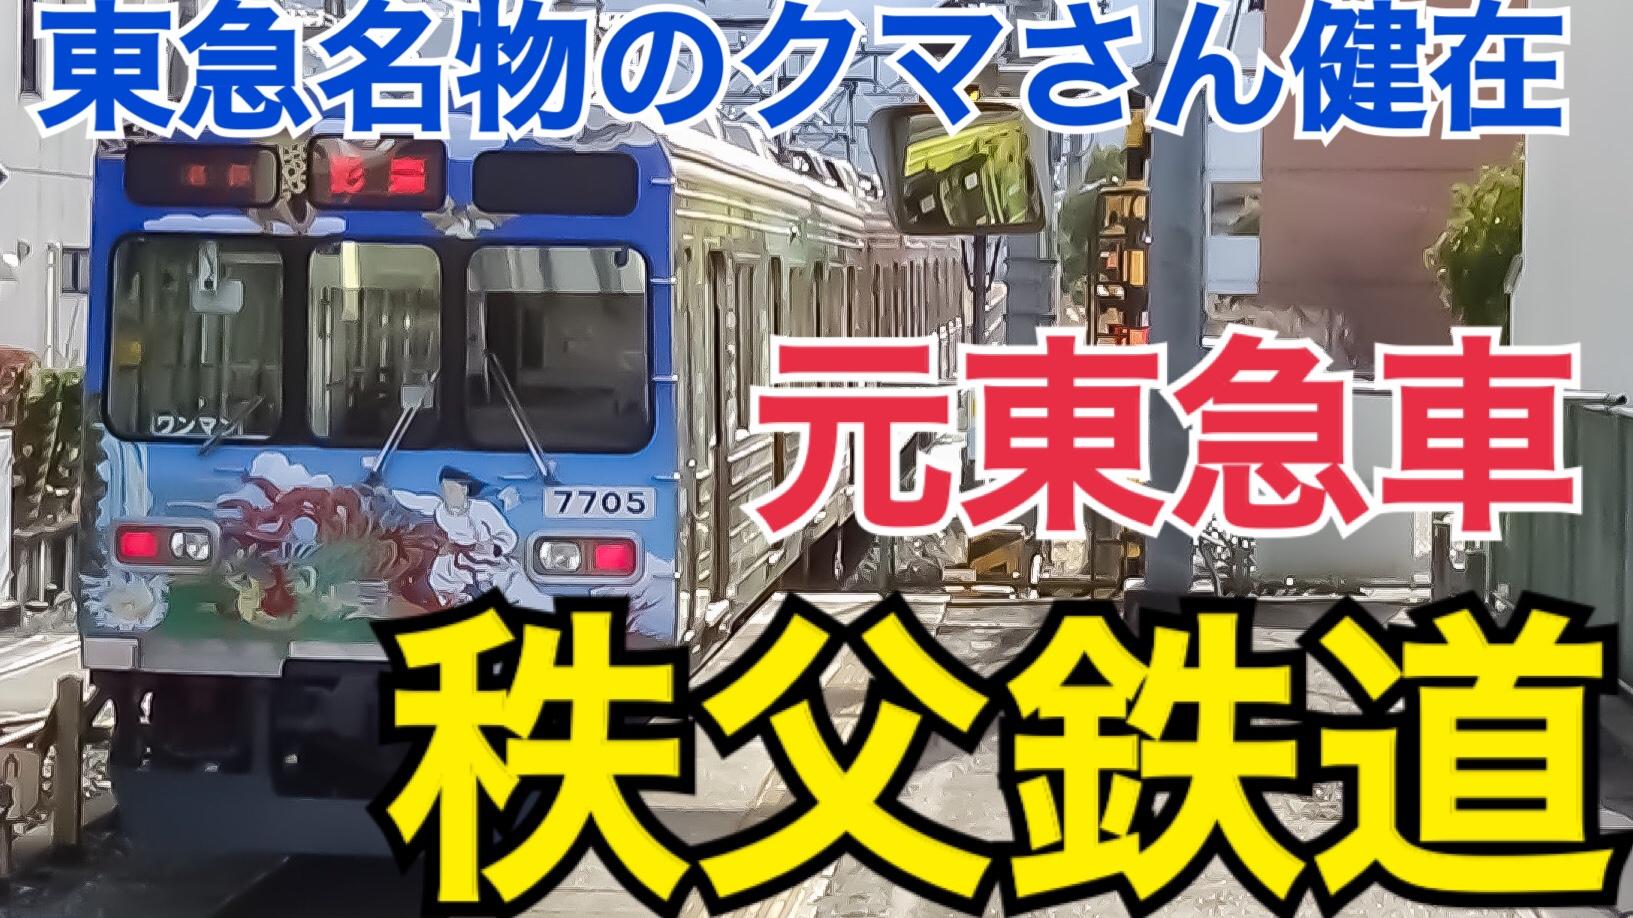 元東急の車両が活躍!秩父鉄道線乗車記 貨物列車が大活躍する理由は?【東上線で秩父の旅】